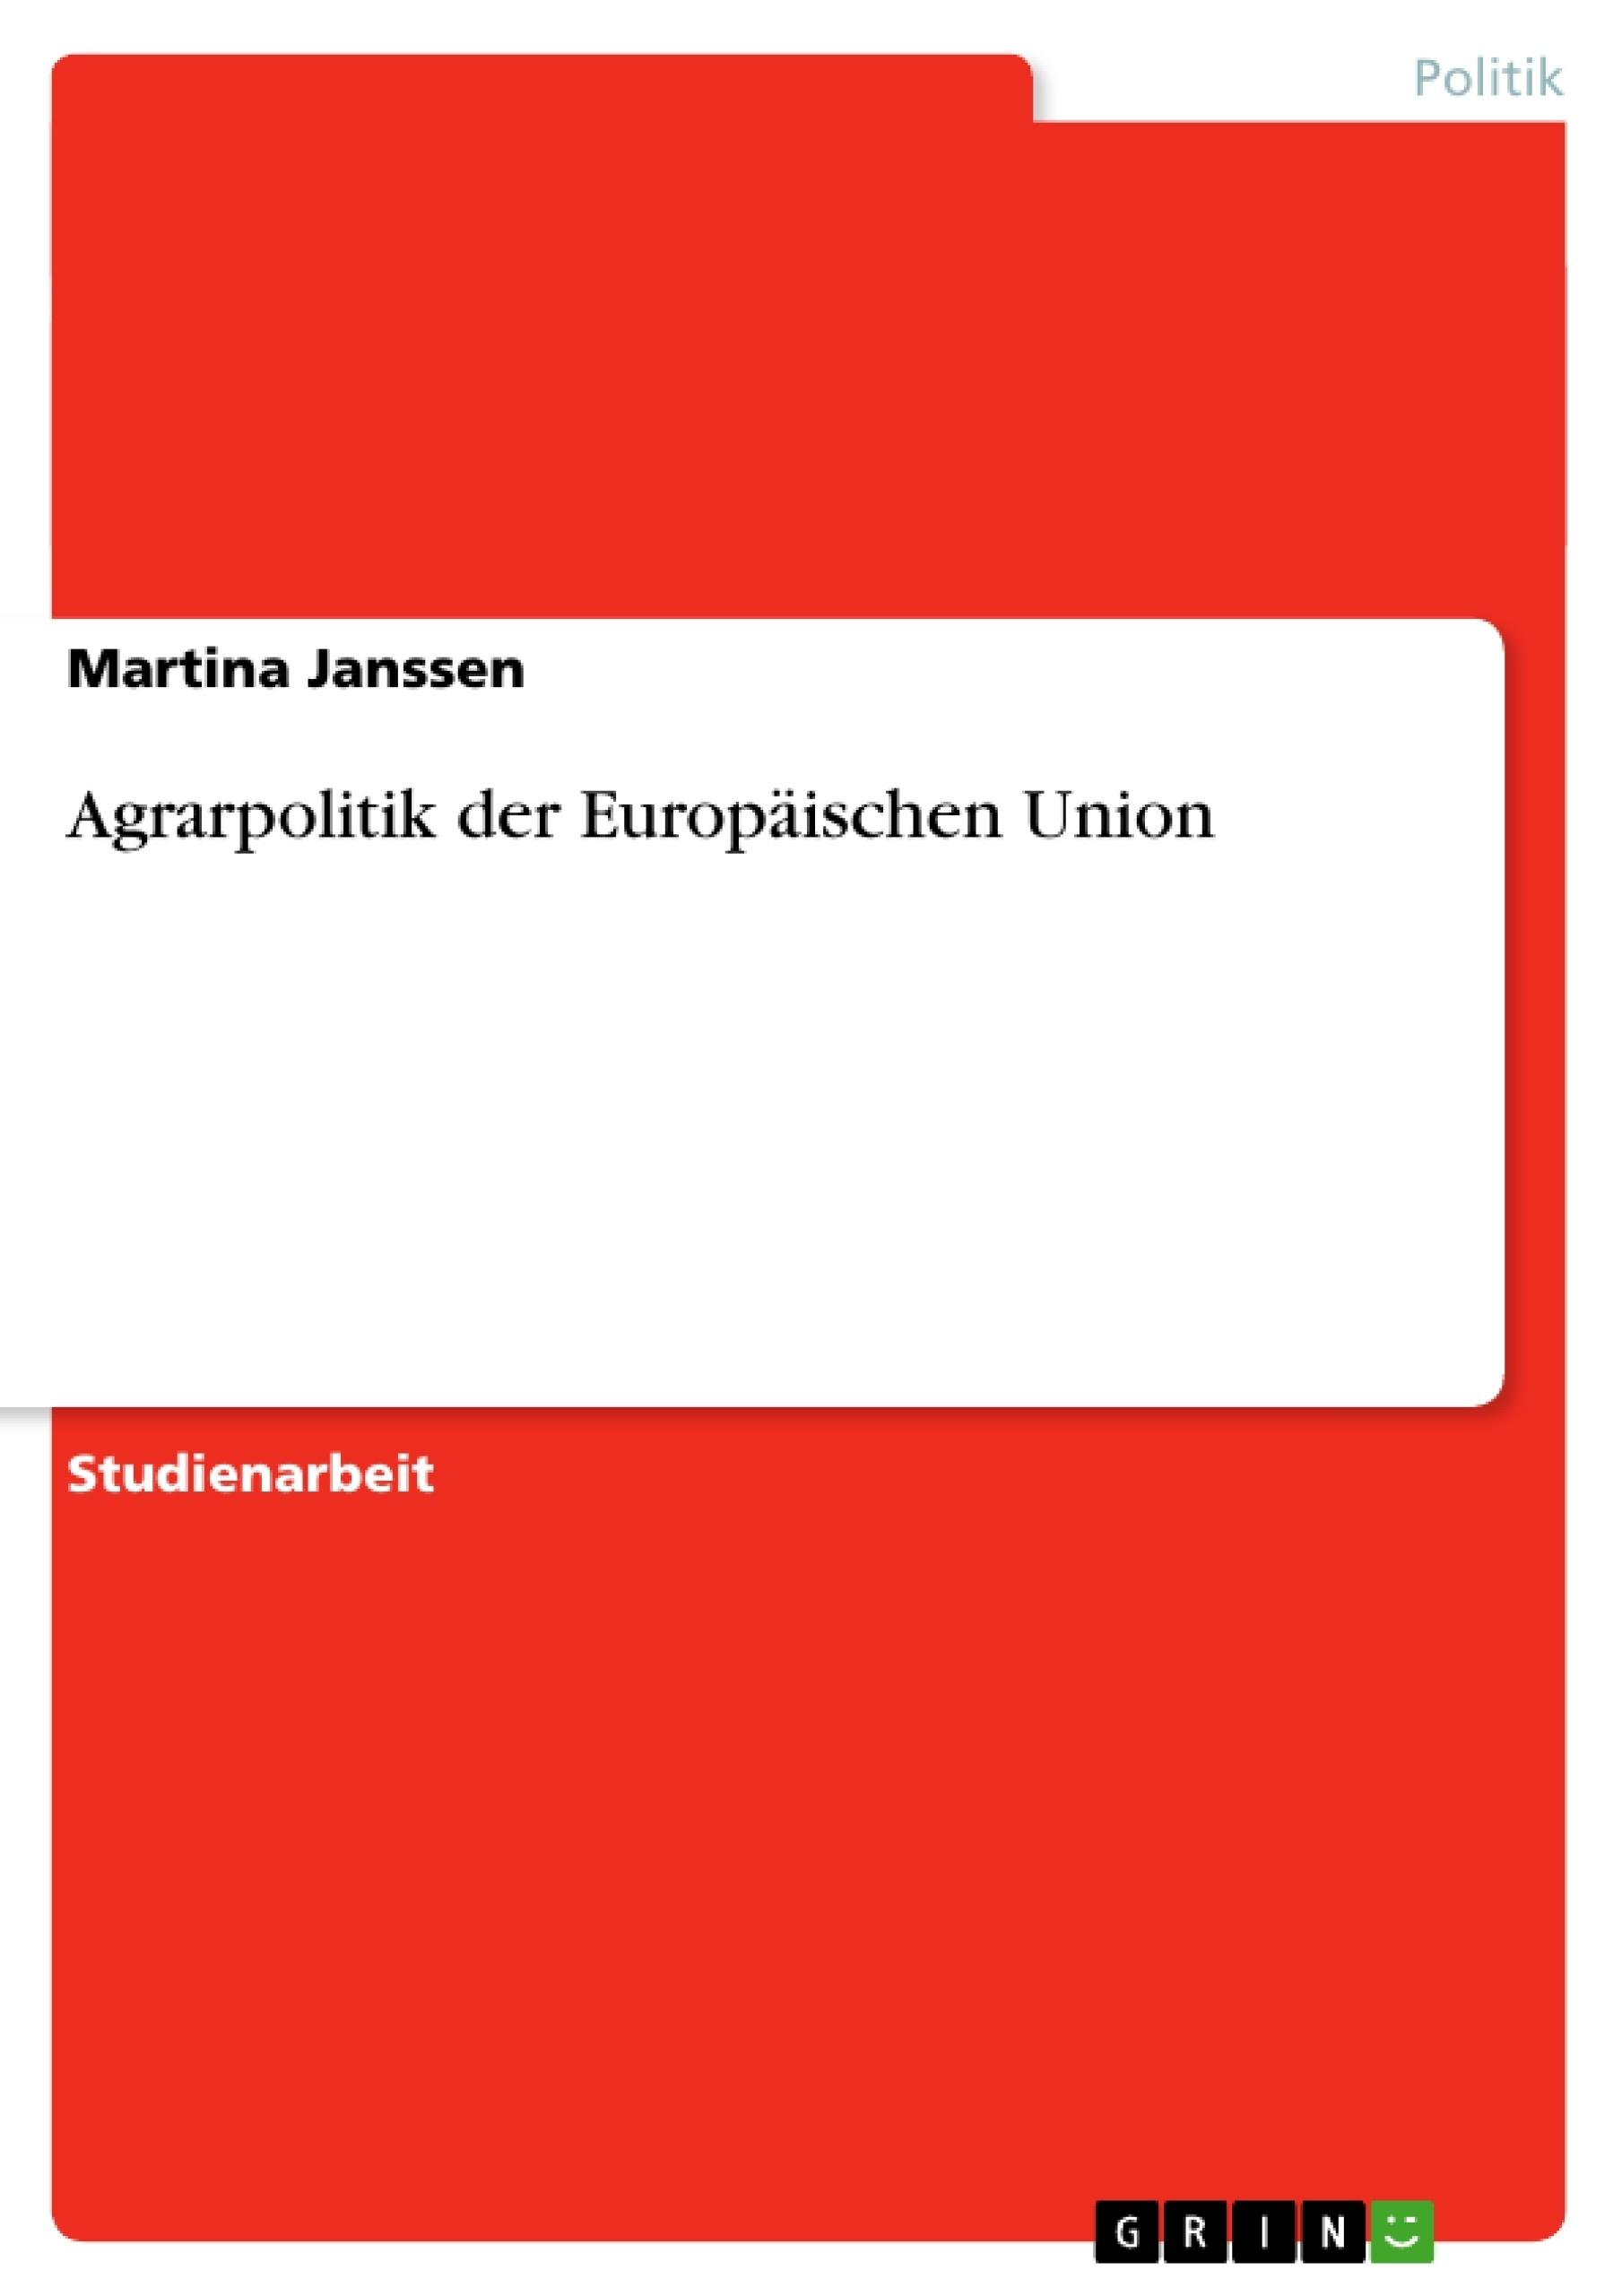 Titel: Agrarpolitik der Europäischen Union